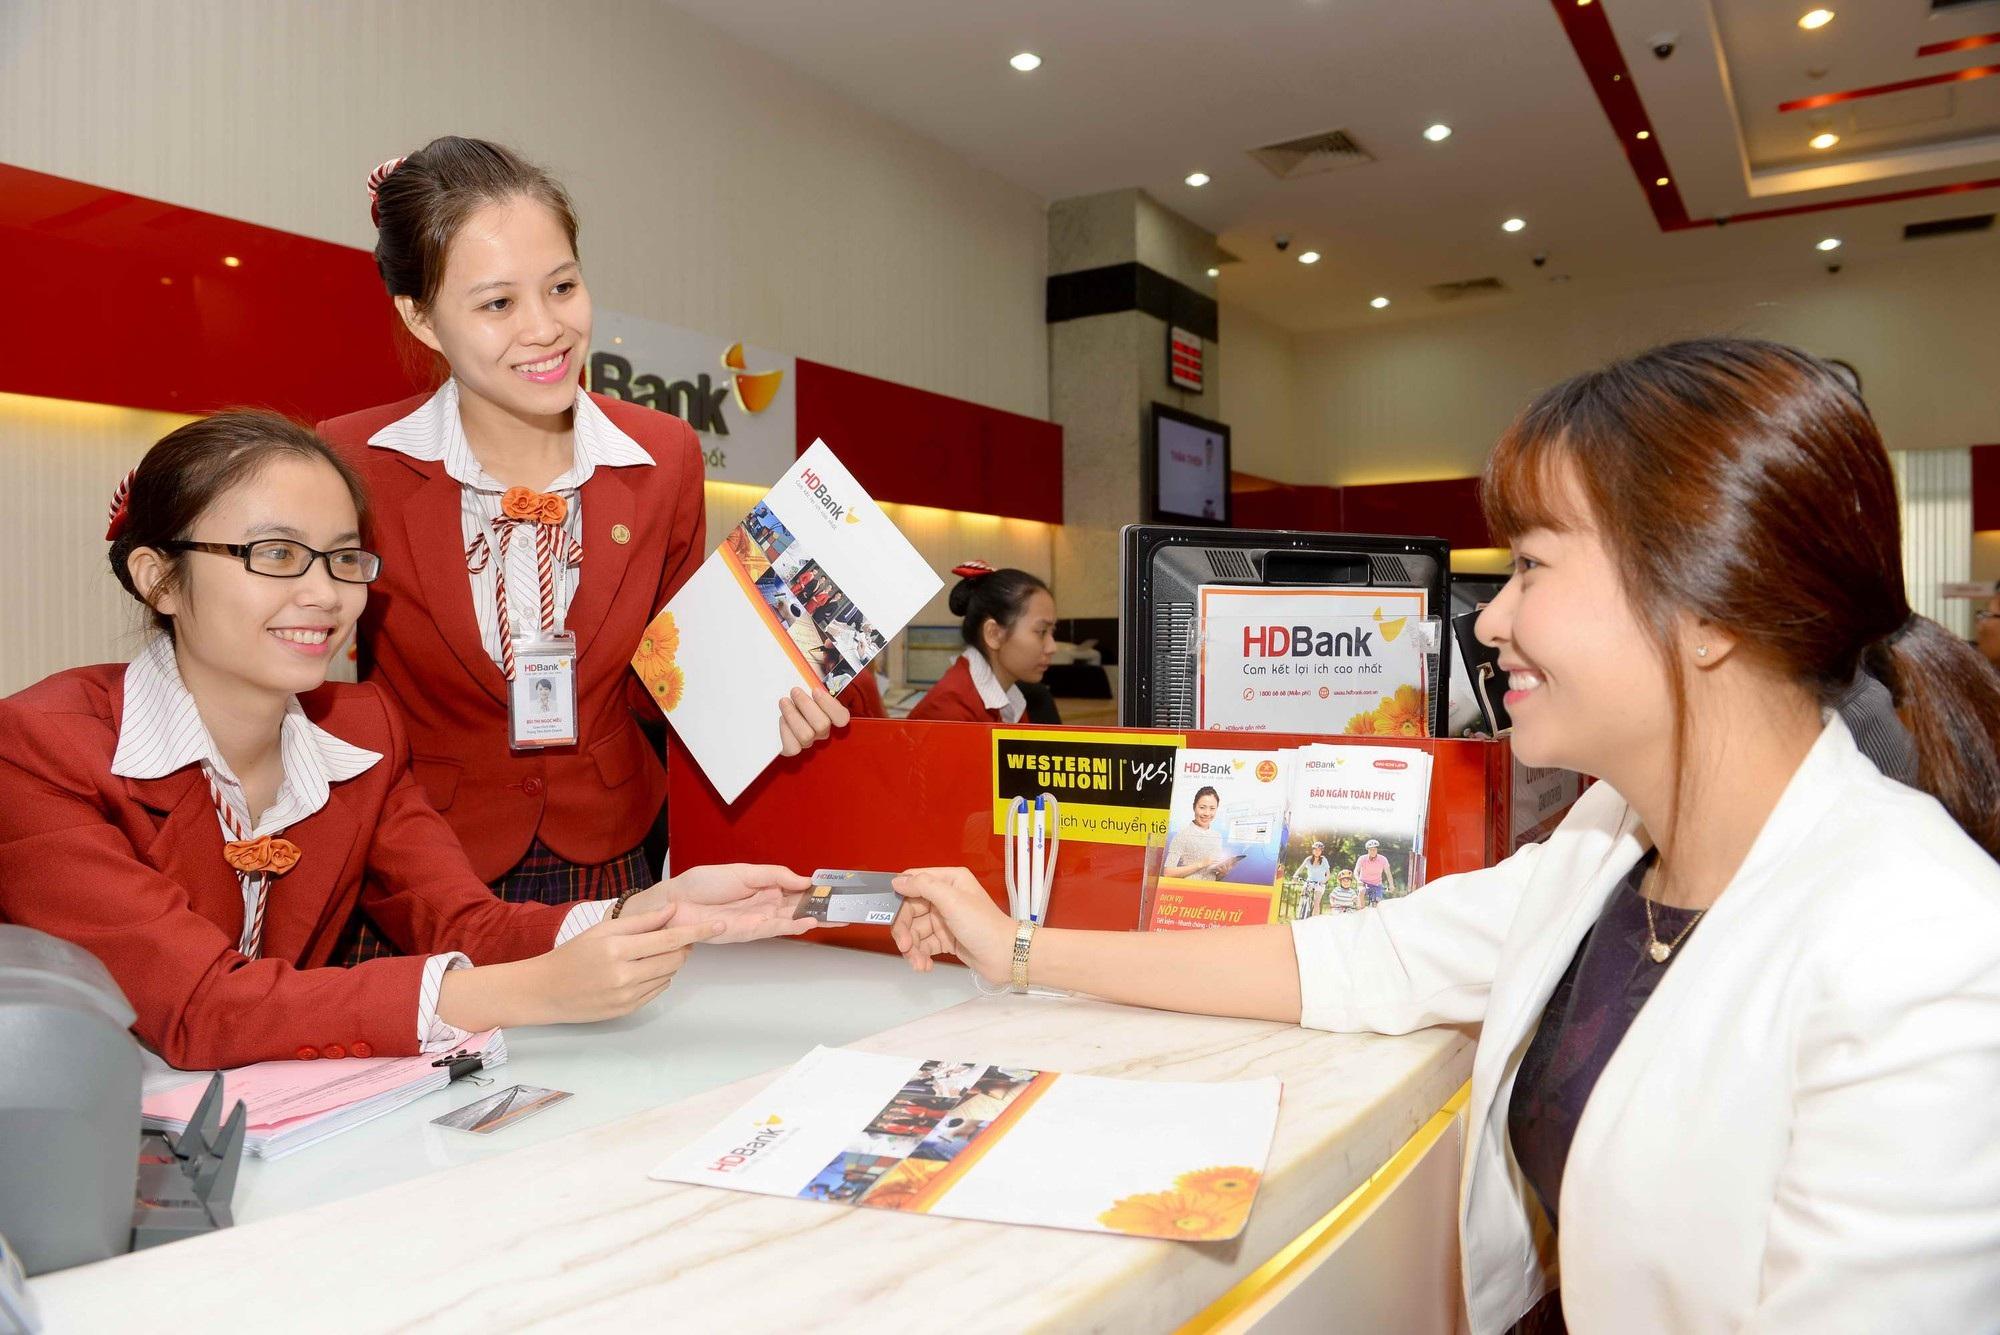 Thanh toán eBanking HDBank - Bay ngay cùng Vietjet - 2